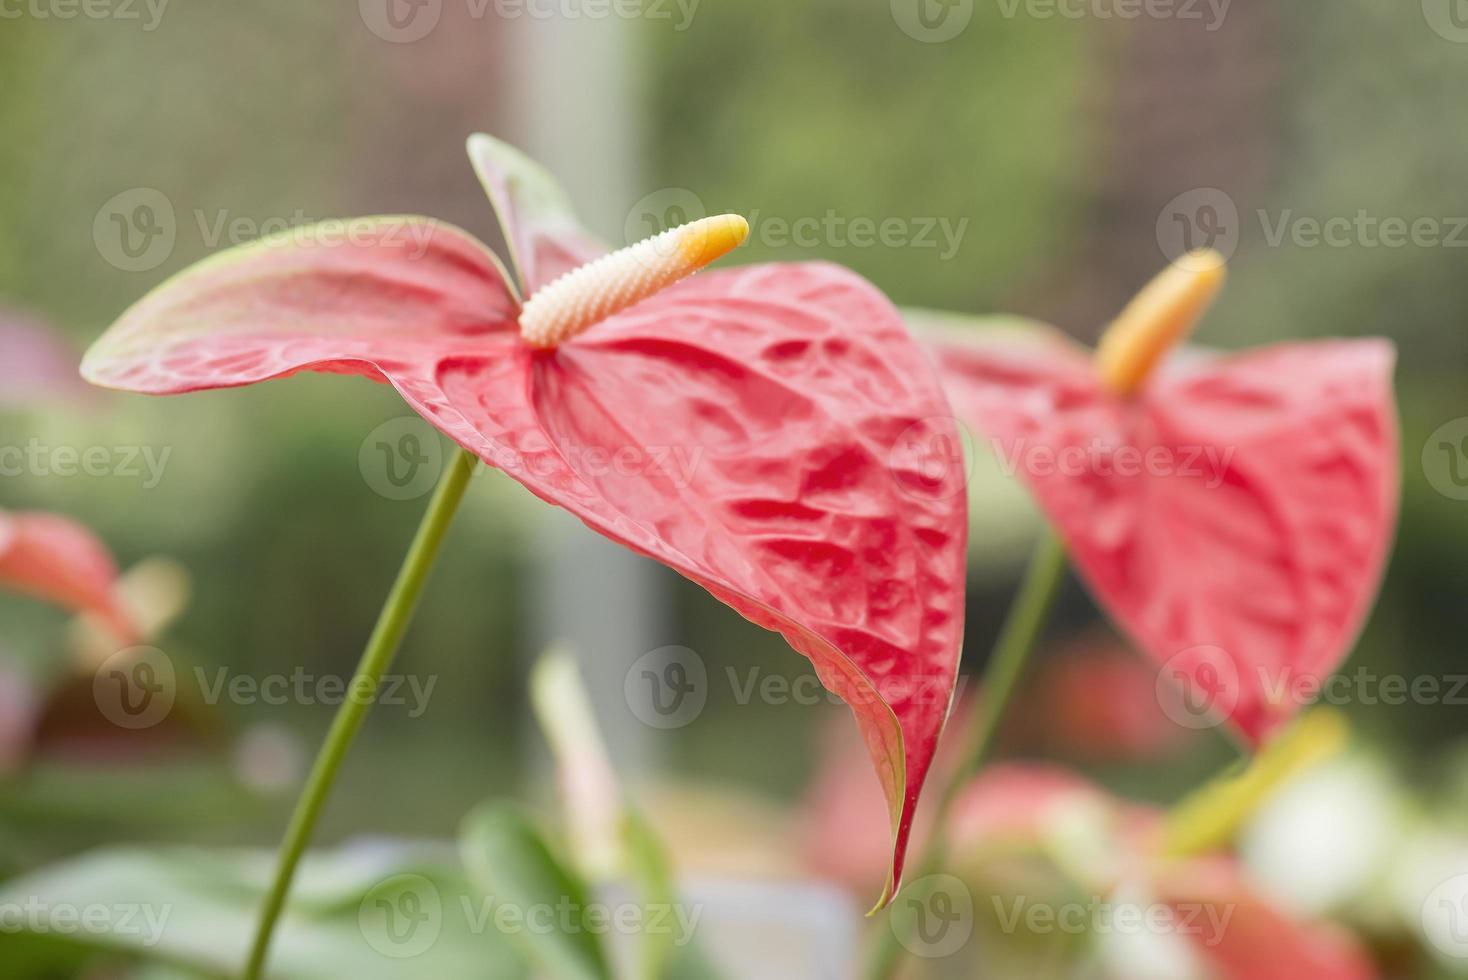 röd anthurium, flamingo blomma på nära håll. foto